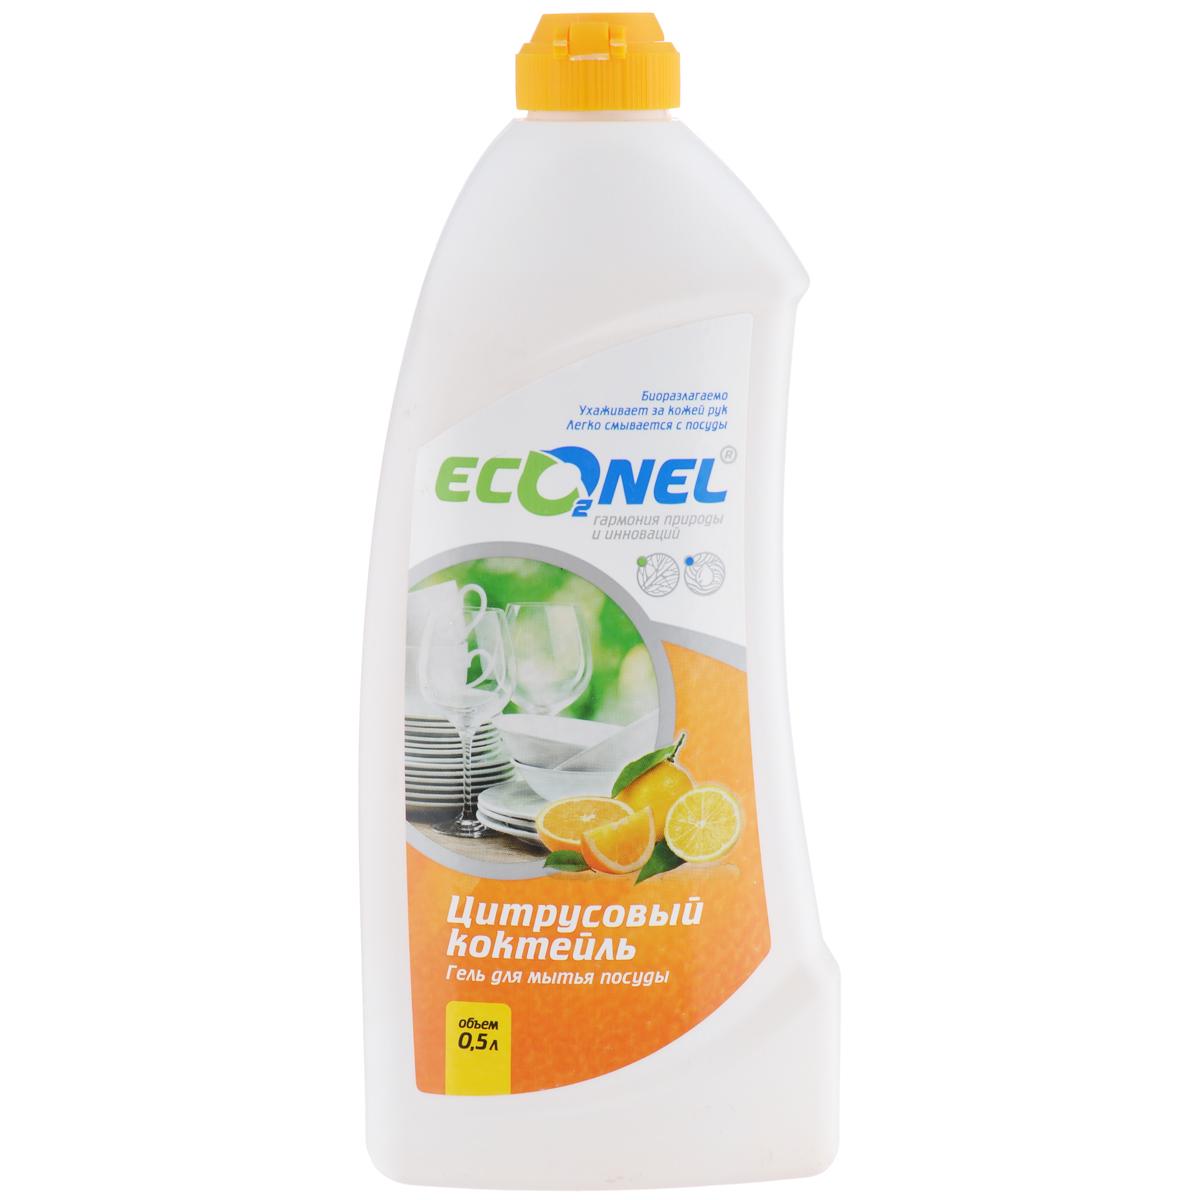 Гель для мытья посуды Econel Цитрусовый коктейль, 0,5 л391602Гель Econel Цитрусовый коктейль предназначен для мытья фарфоровой, фаянсовой, керамической, стеклянной и металлической посуды и столовых приборов. - Легко смывается с посуды, не оставляя следов и запахов на посуде- Заботится о коже рук благодаря смягчающим компонентам- Биоразлагаем и безопасен для окружающей среды- Эффективно справляется с любыми жировыми загрязнениями. Состав: менее 5%: ароматизатор, глицерин, краситель, полимеры, консервант, карбамид, неионогенное поверхностно-активное вещество, амфотерное поверхностно-активное вещество, анионное поверхностно-активное вещество; 5-15% хлорид натрия; более 30% вода очищенная.